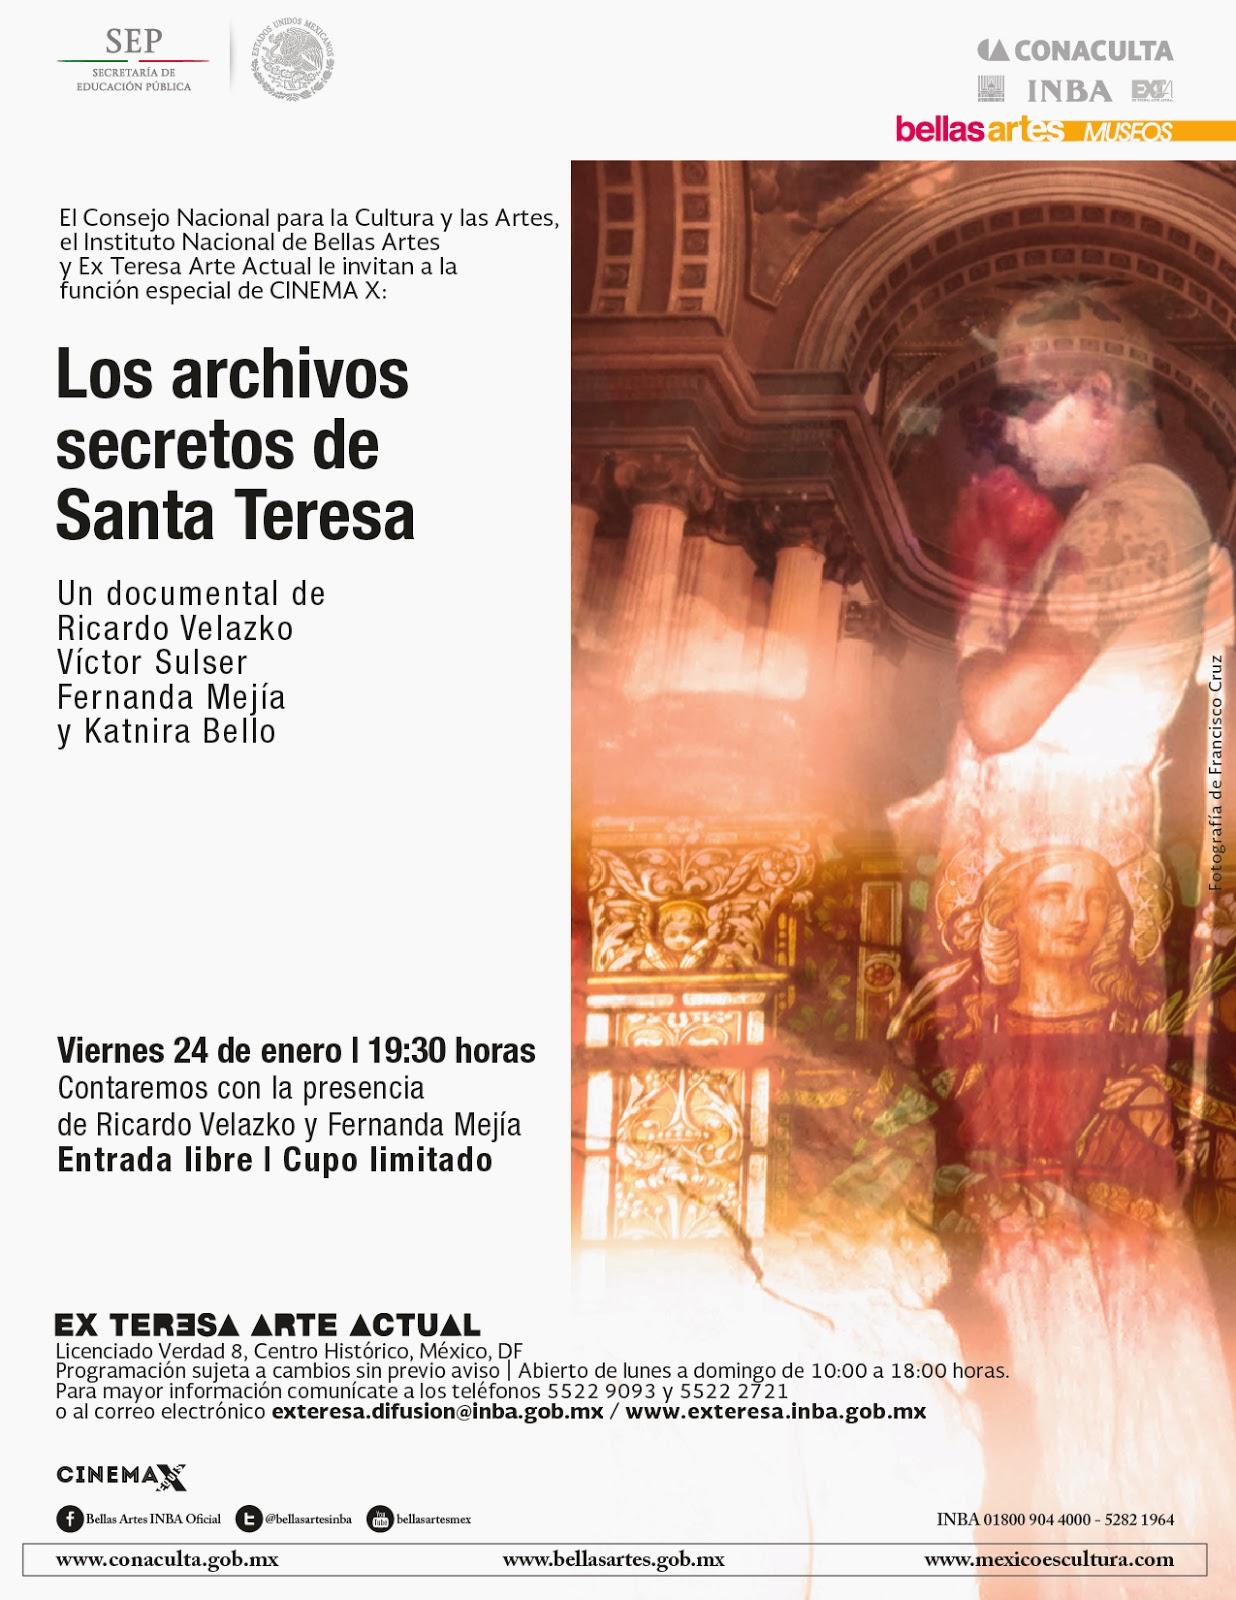 """Presentan documental """"Los archivos secretos de Santa Teresa"""" en el Ex Teresa Arte Actual"""